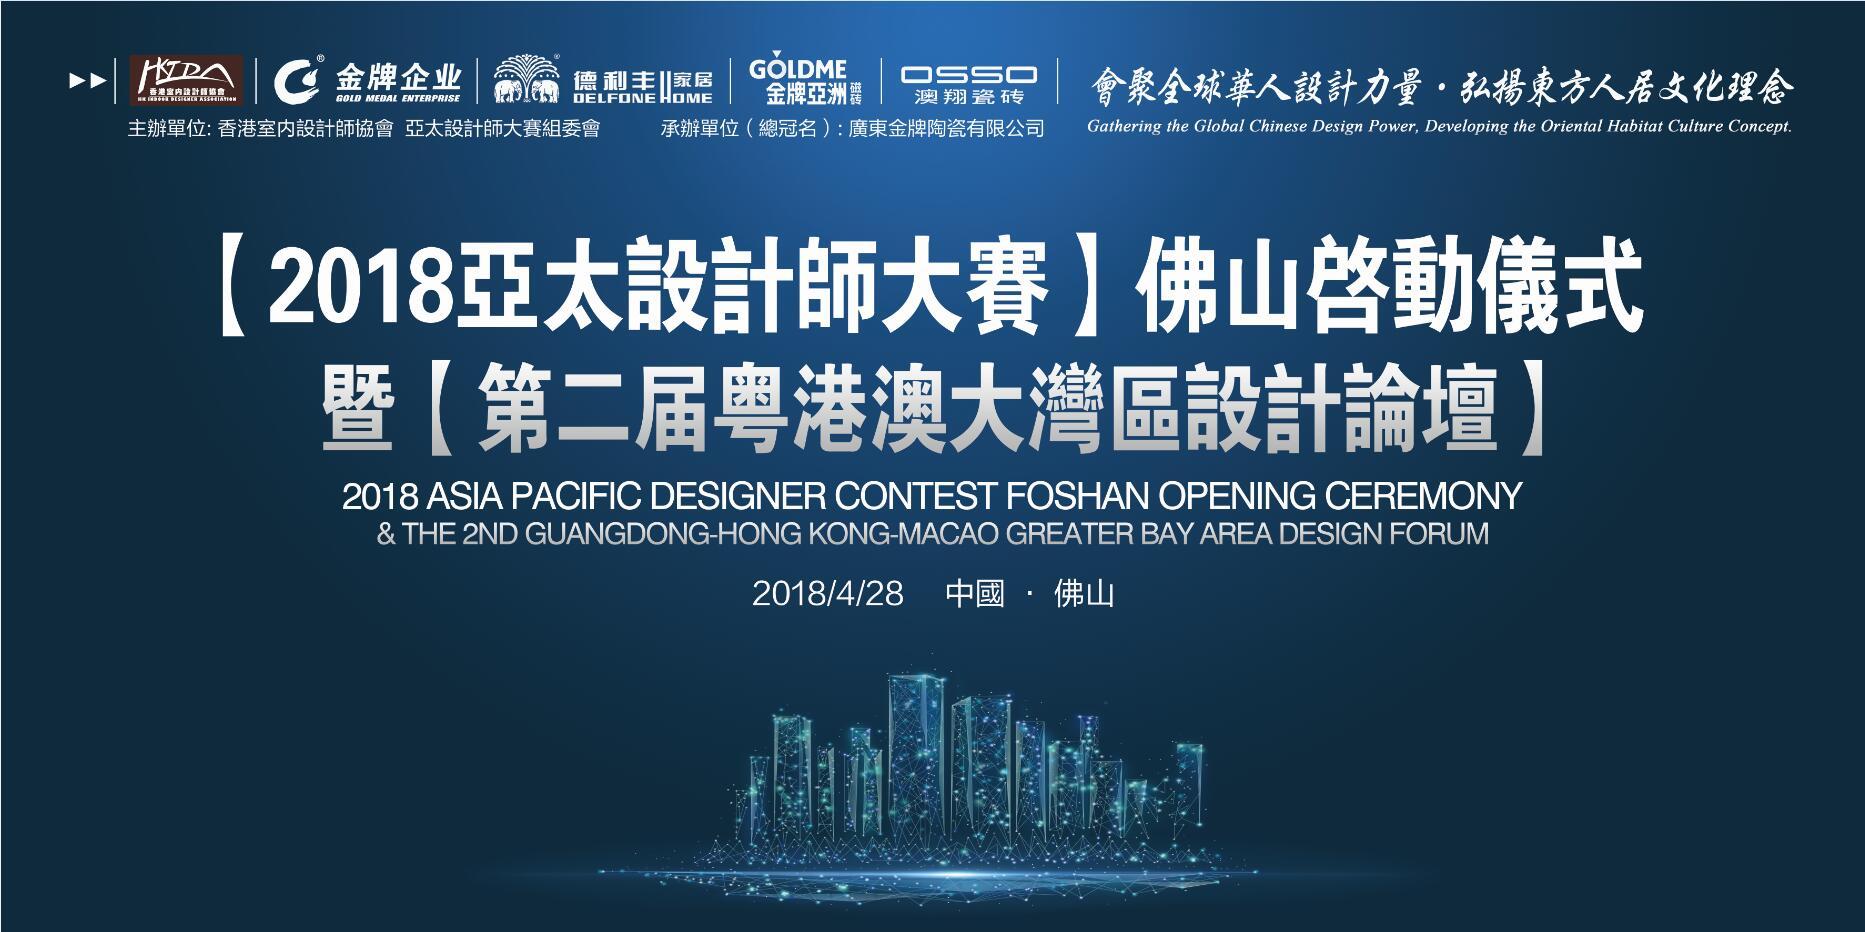 华人设计势力集结,开启大时代、大发展、大视